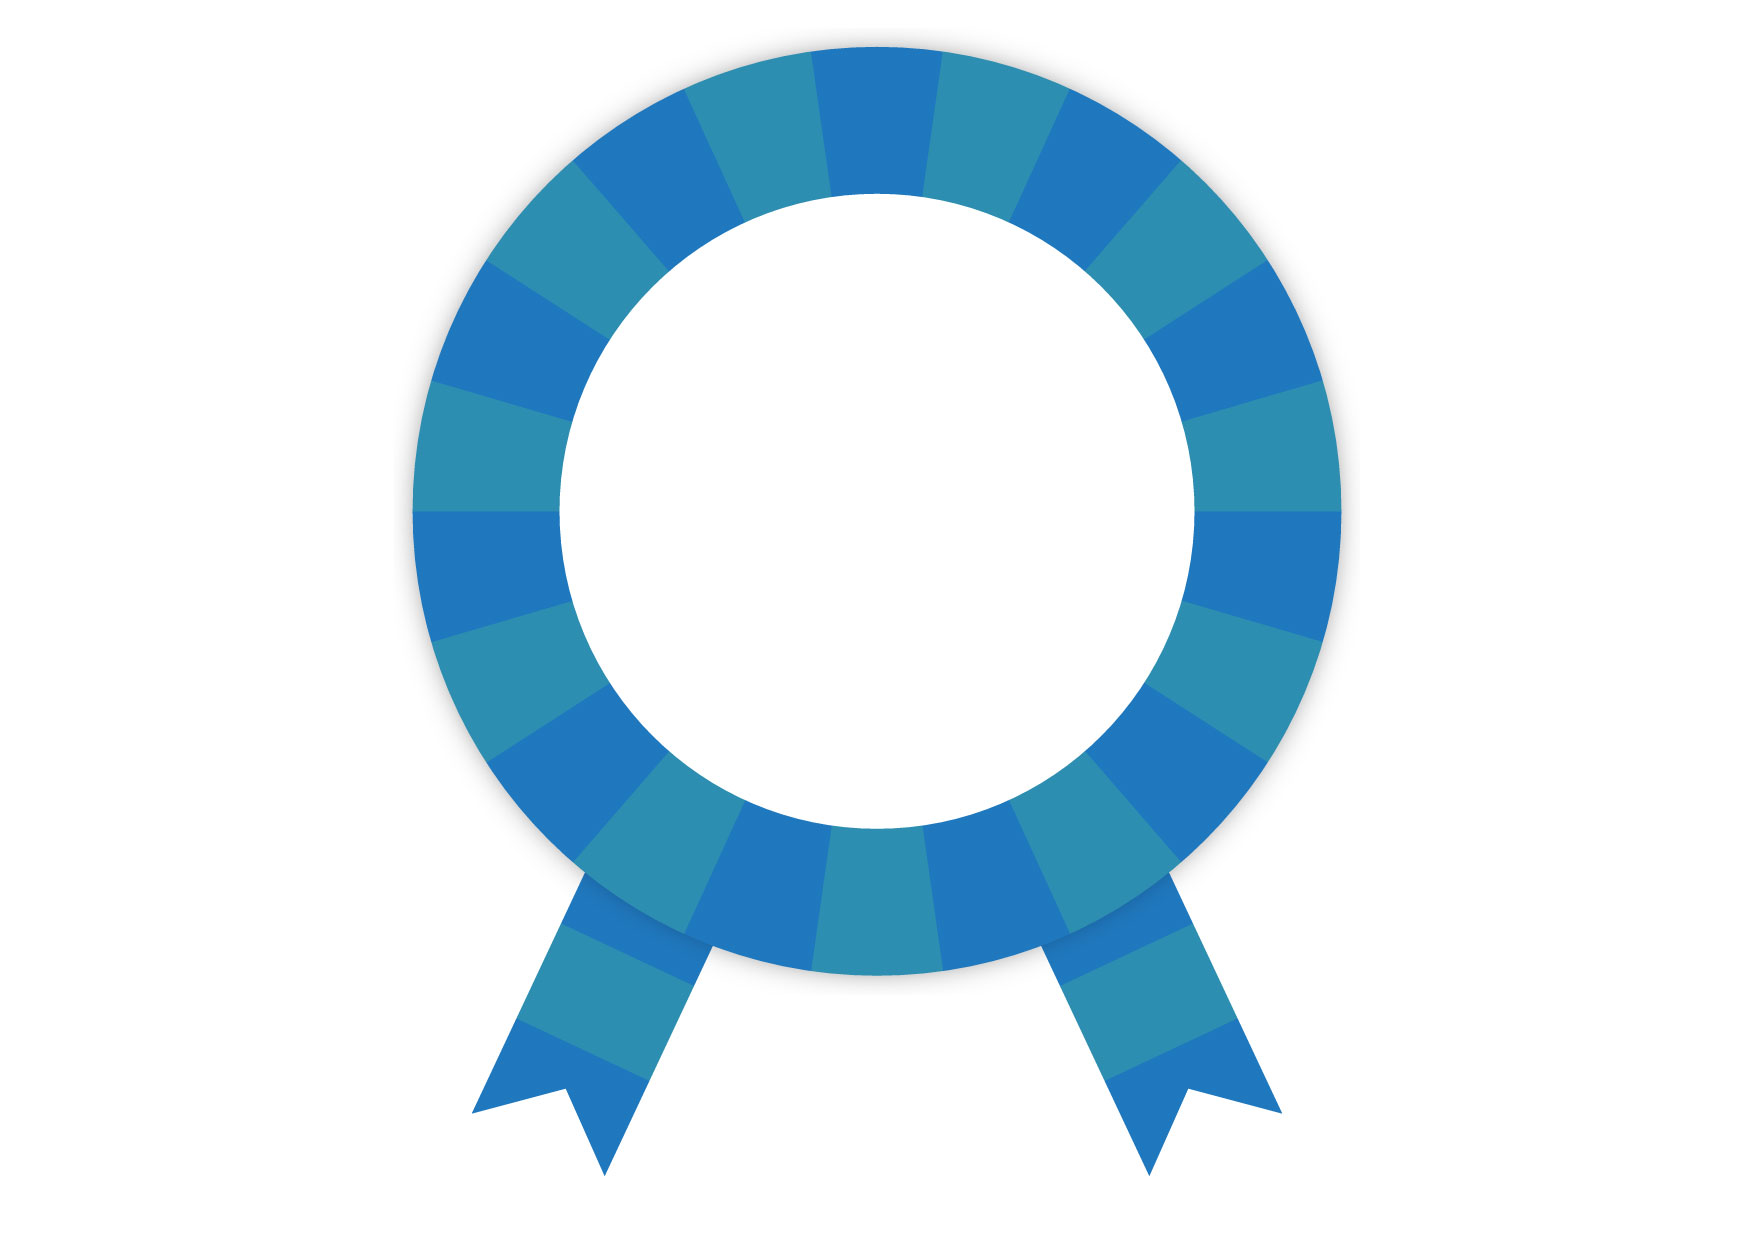 青色 リボン ストライプ フレーム イラスト 無料